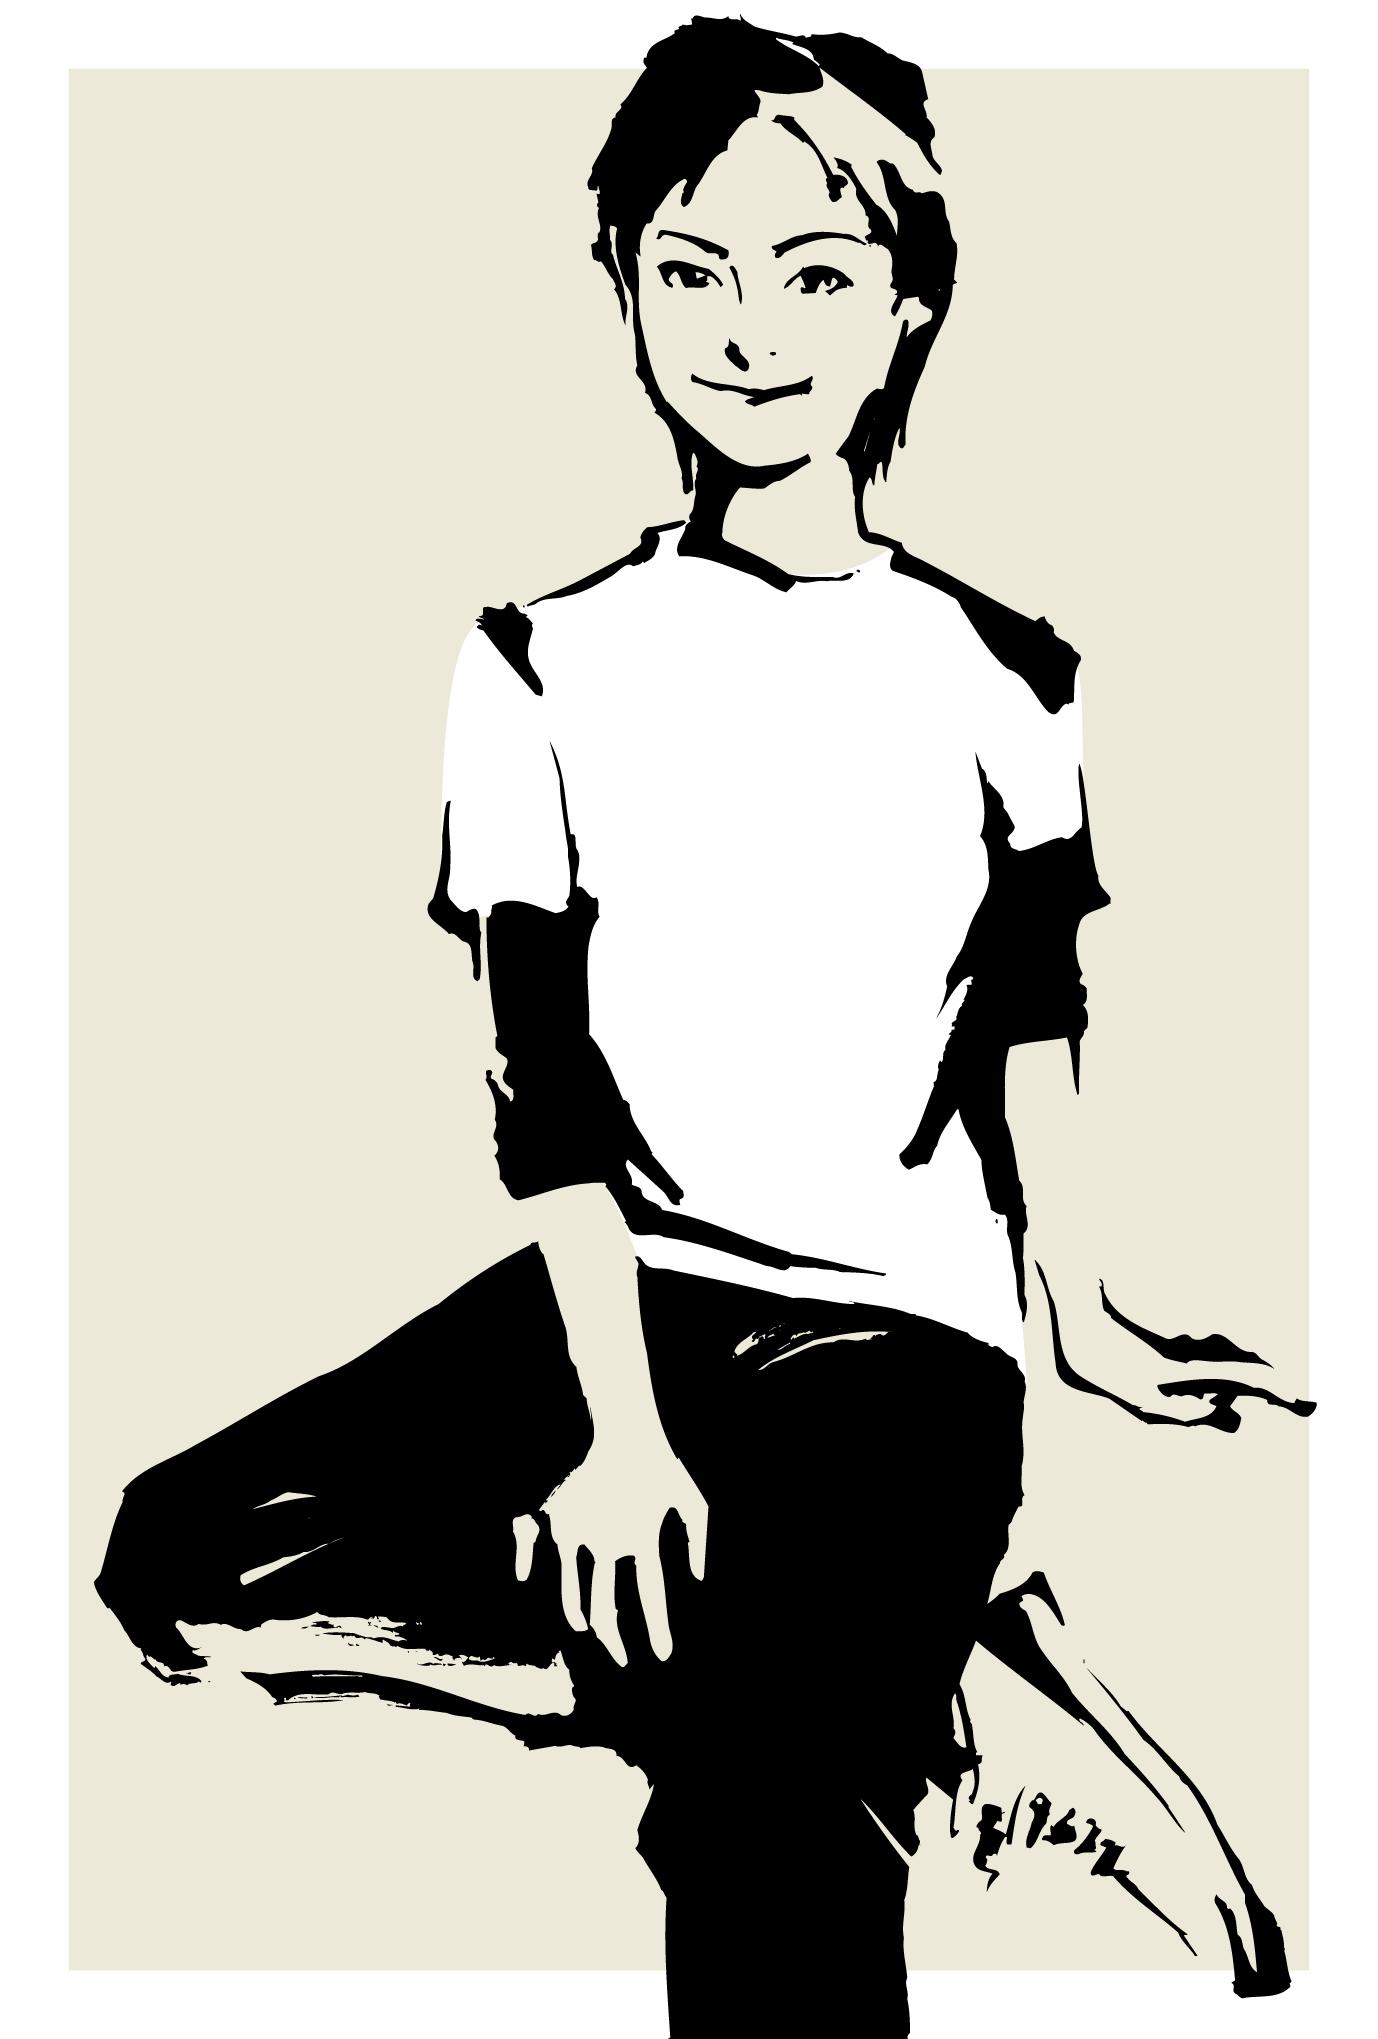 サマーカード32:短い髪の女の子のダウンロード画像